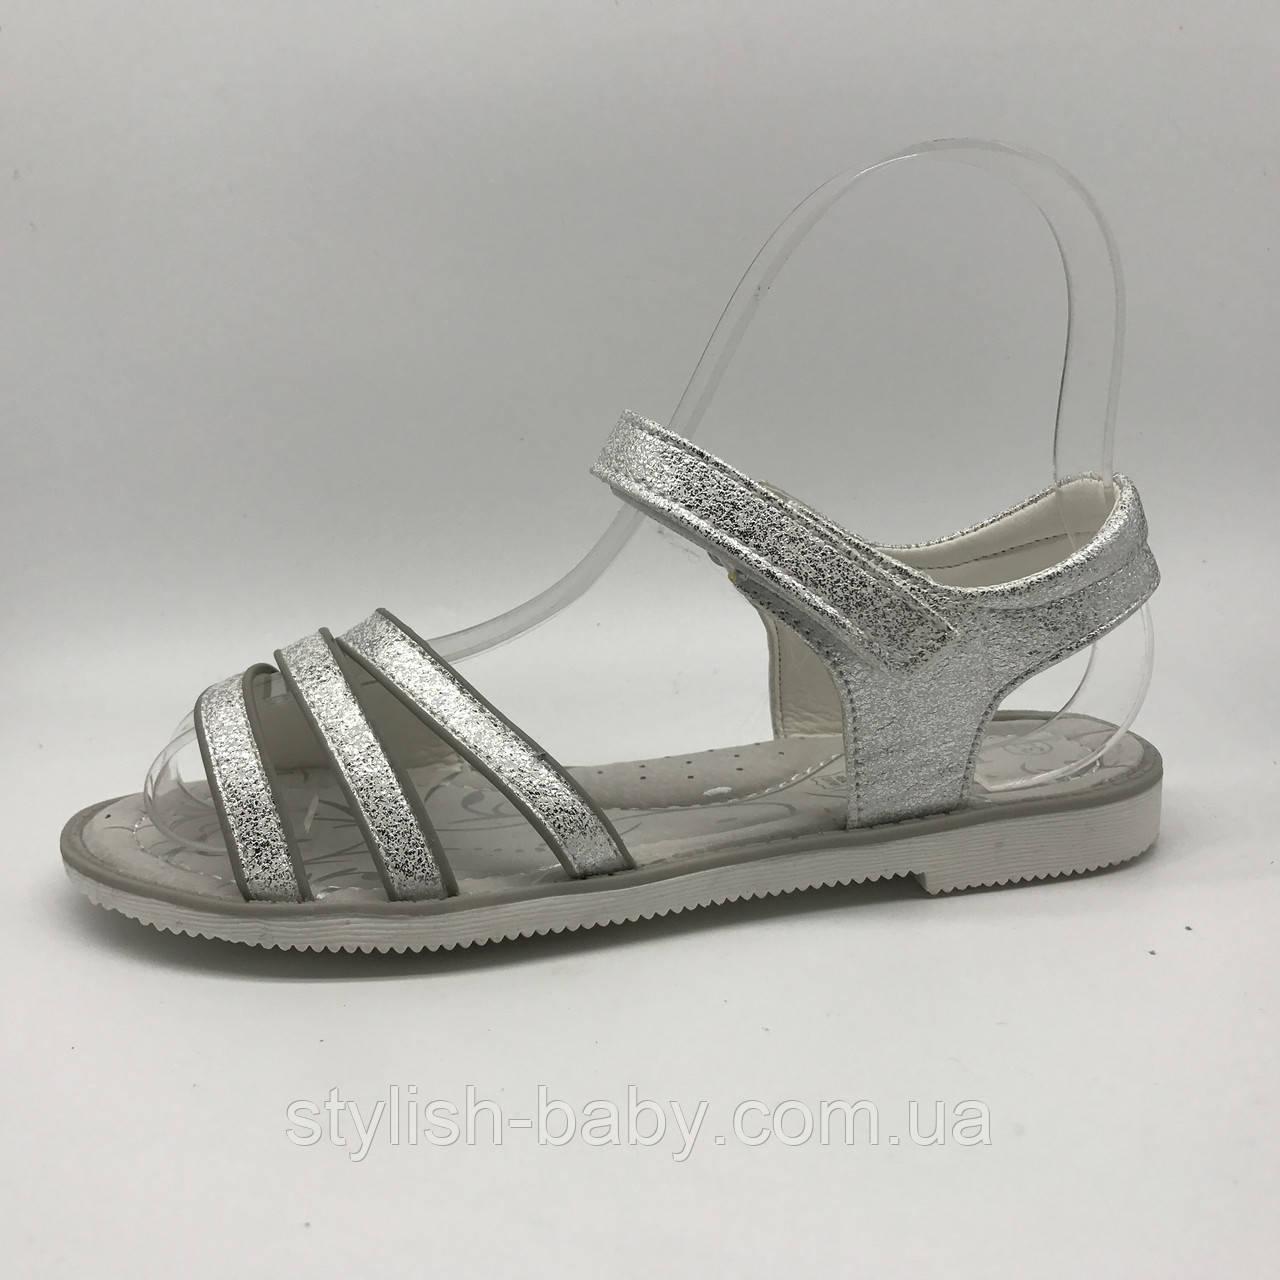 Детская коллекция летней обуви 2018. Детские босоножки бренда Tom.m для девочек (рр. с 32 по 37)